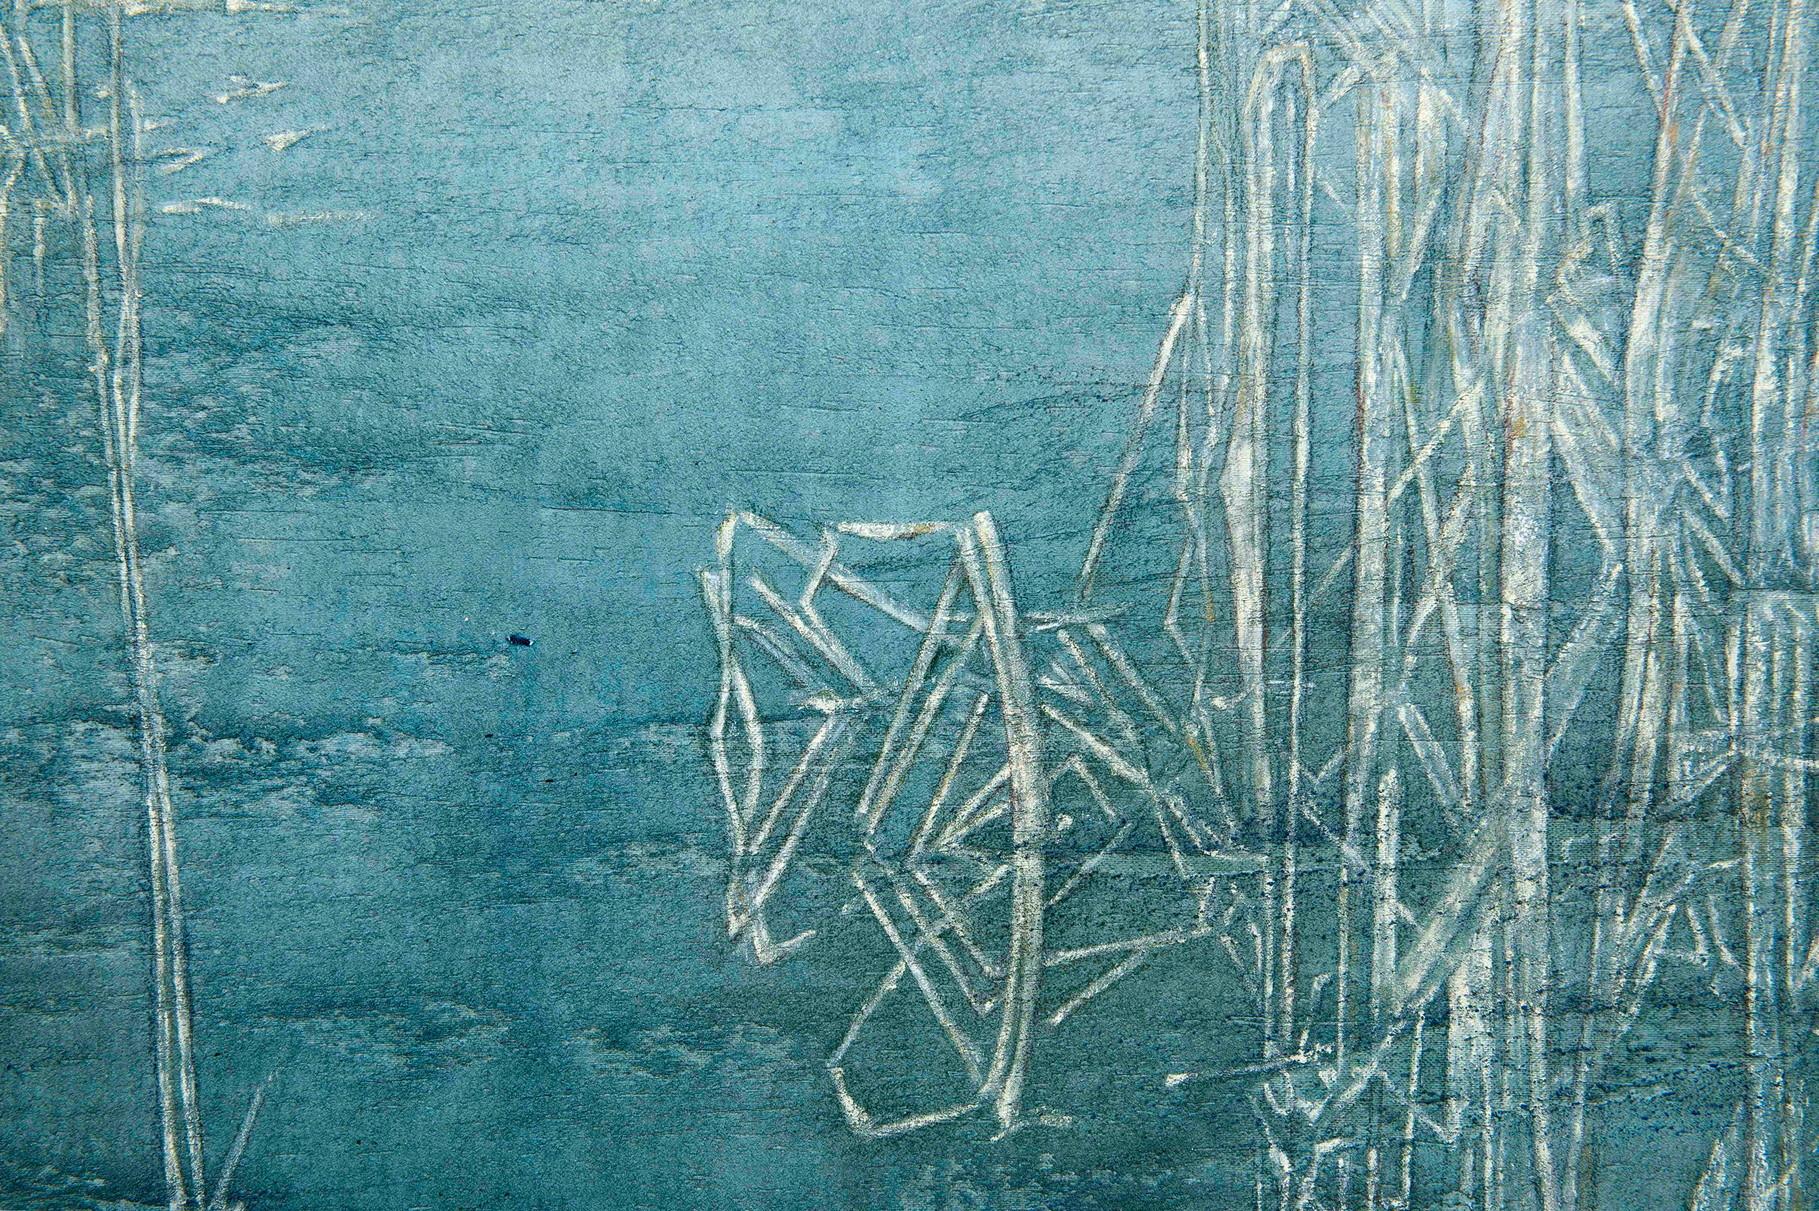 o-t-detail-2013-mischtechnik-auf-leinwand-190-x-110-cm